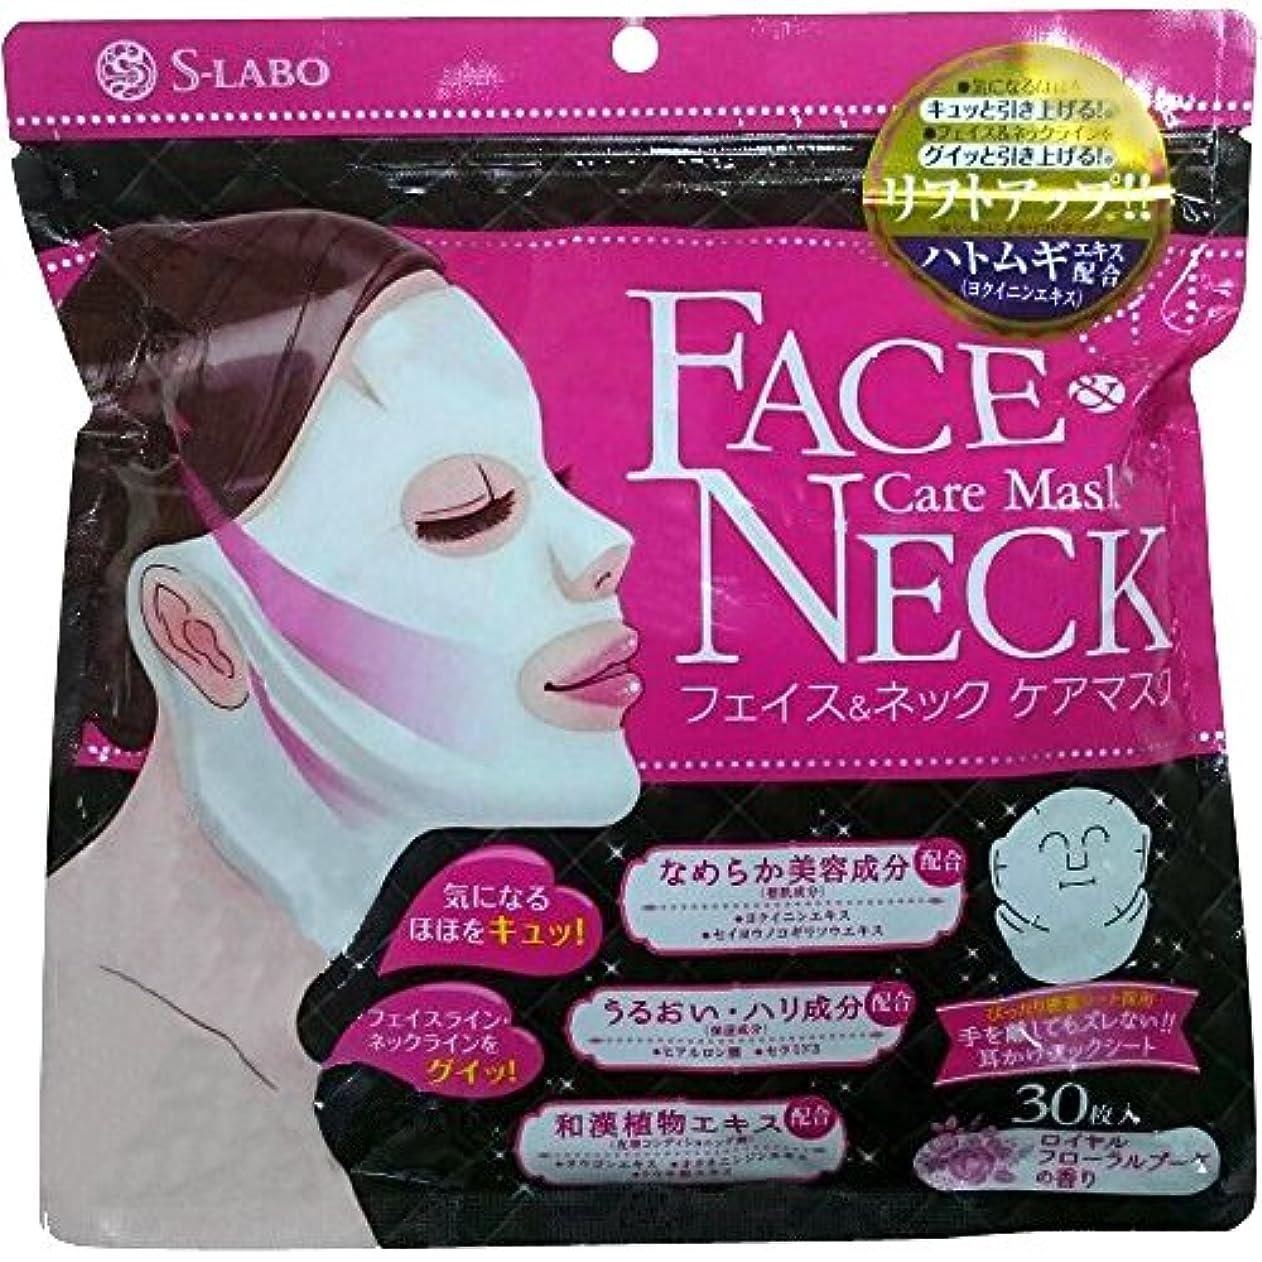 フルート境界ラッシュS-LABO フェイス & ネックケアマスク (30枚入)